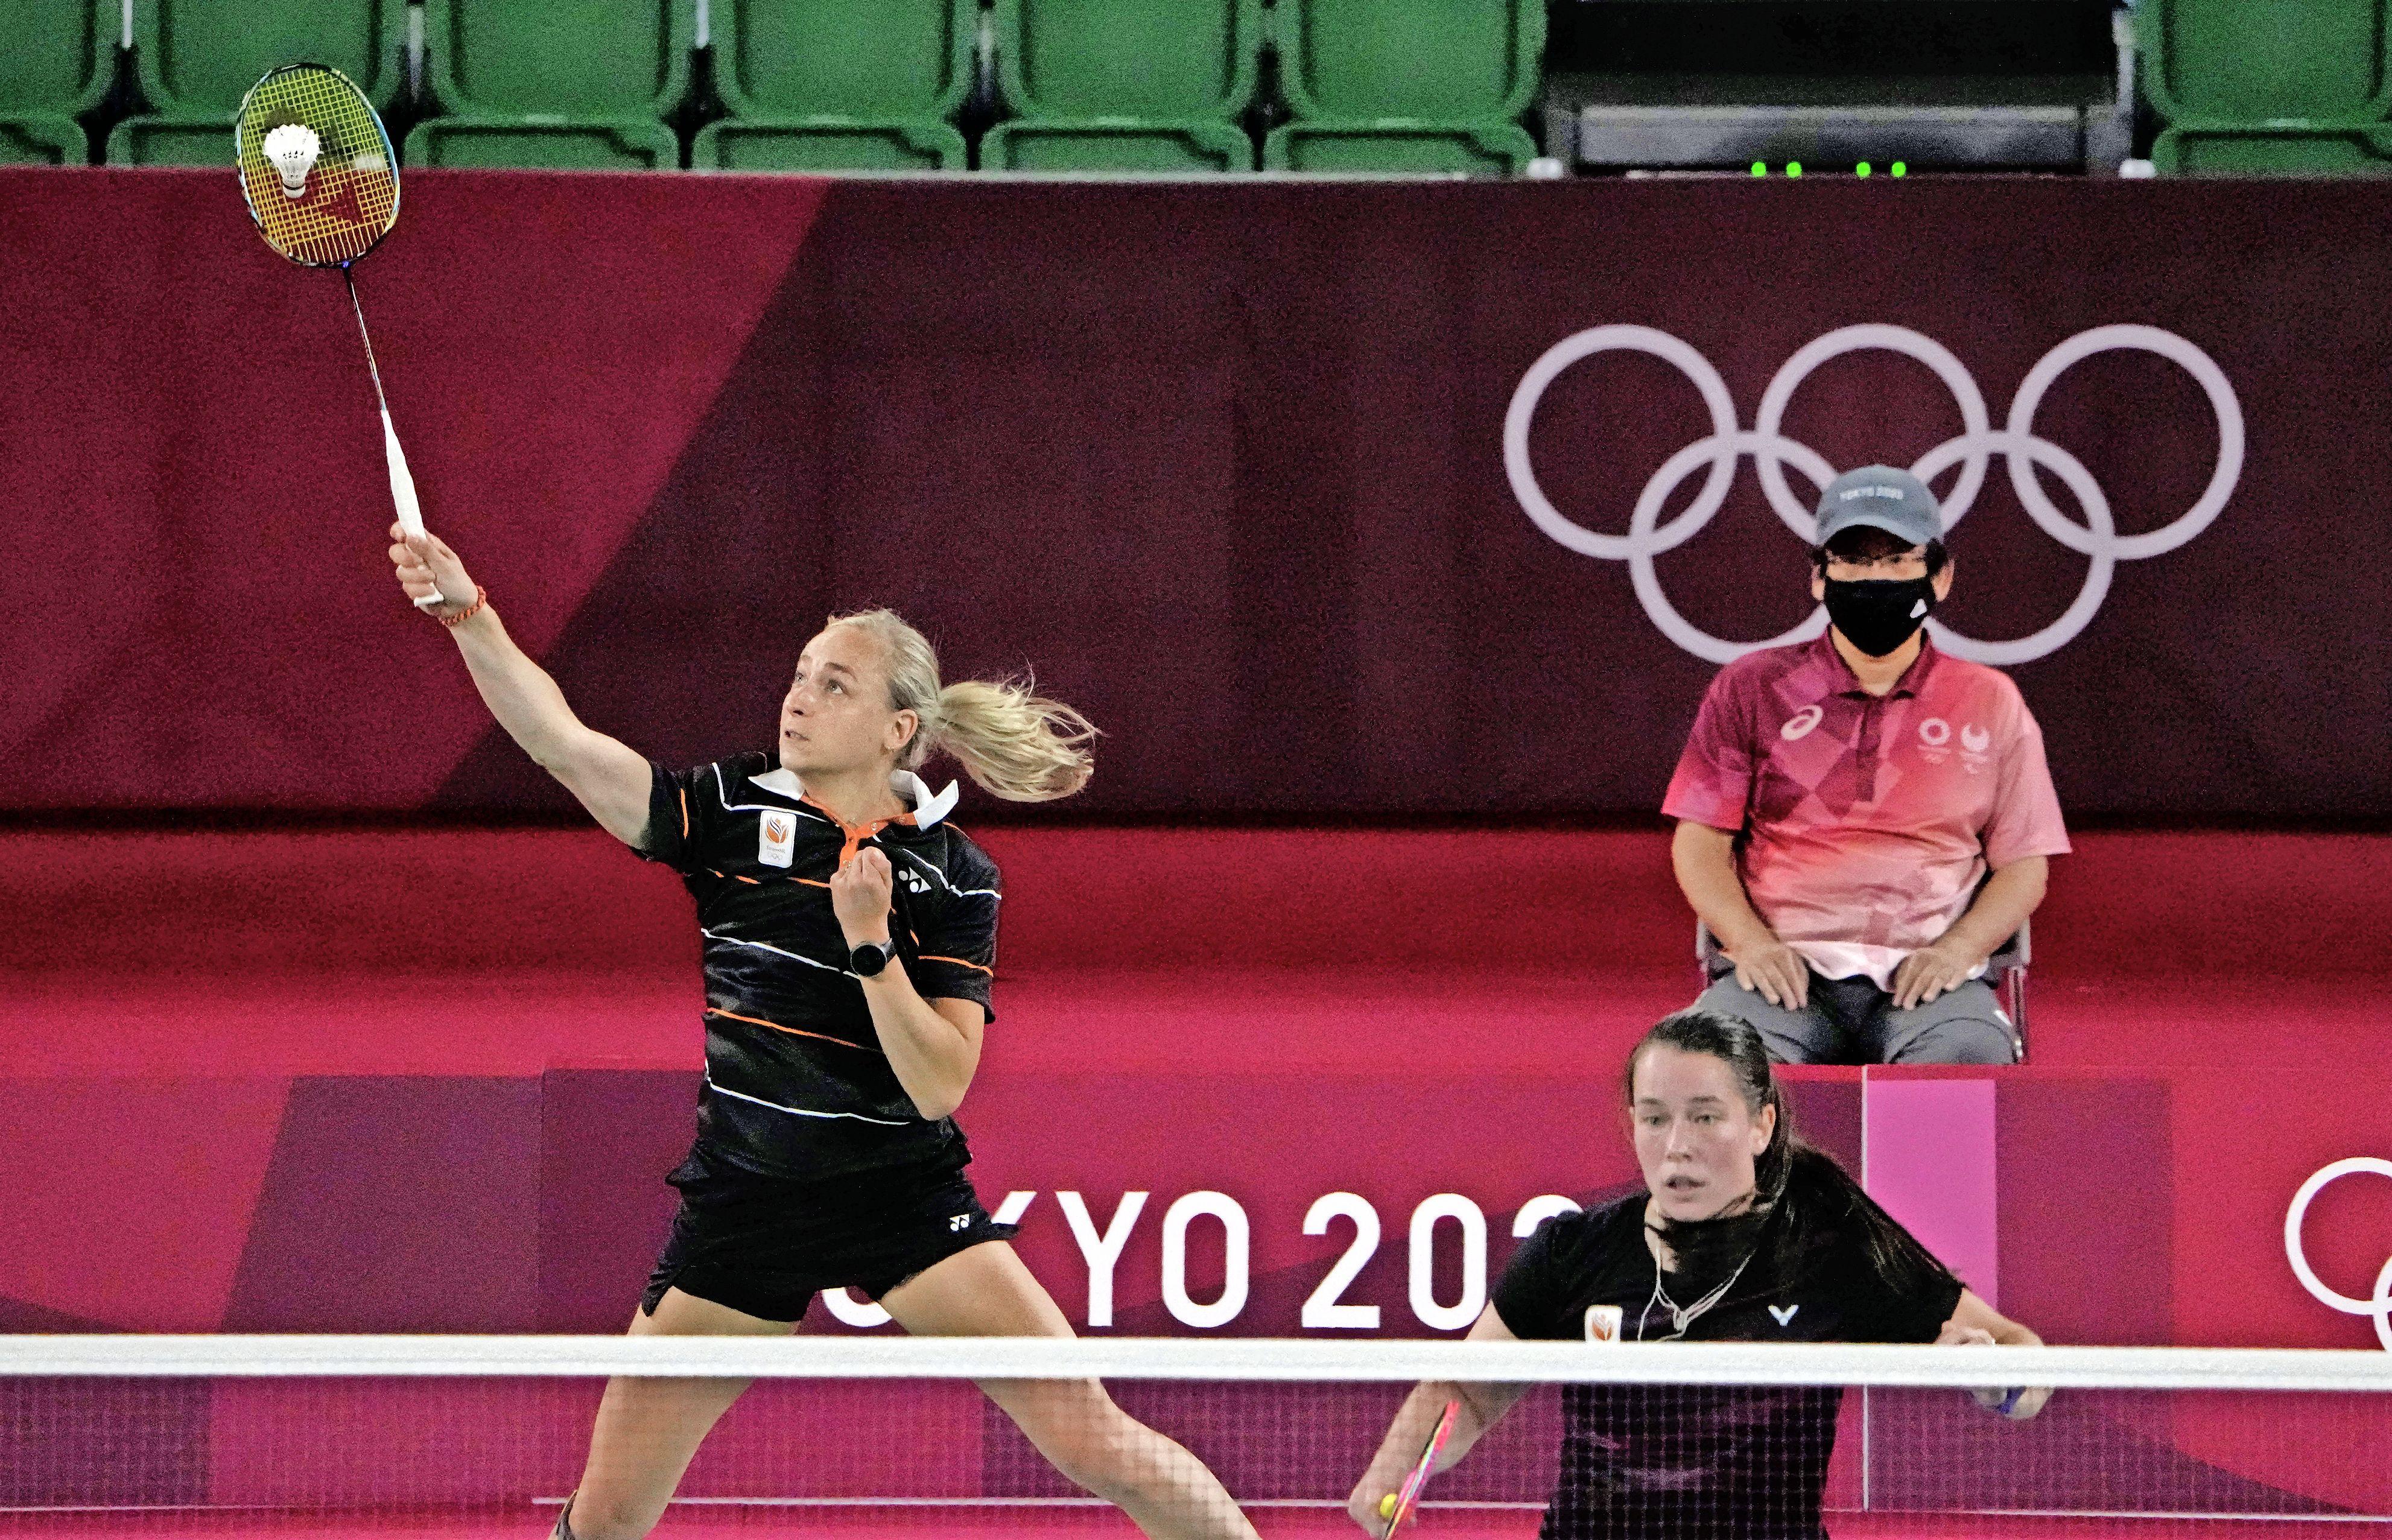 Badmintonduo Piek/Seinen onderuit tegen Japanse vrouwen